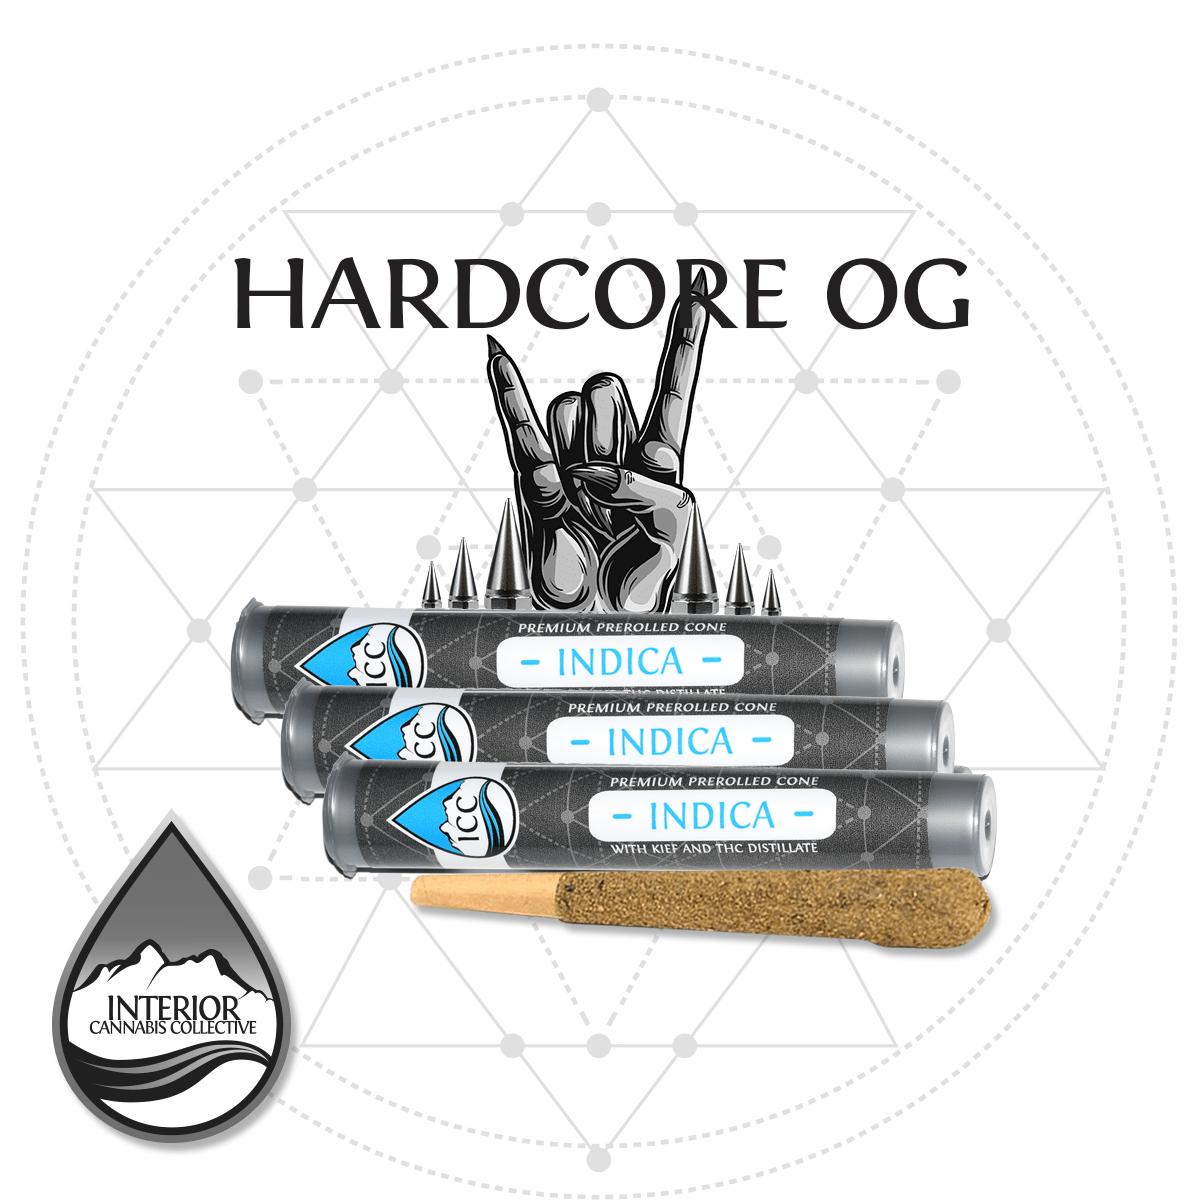 Hardcore-OG-Preroll